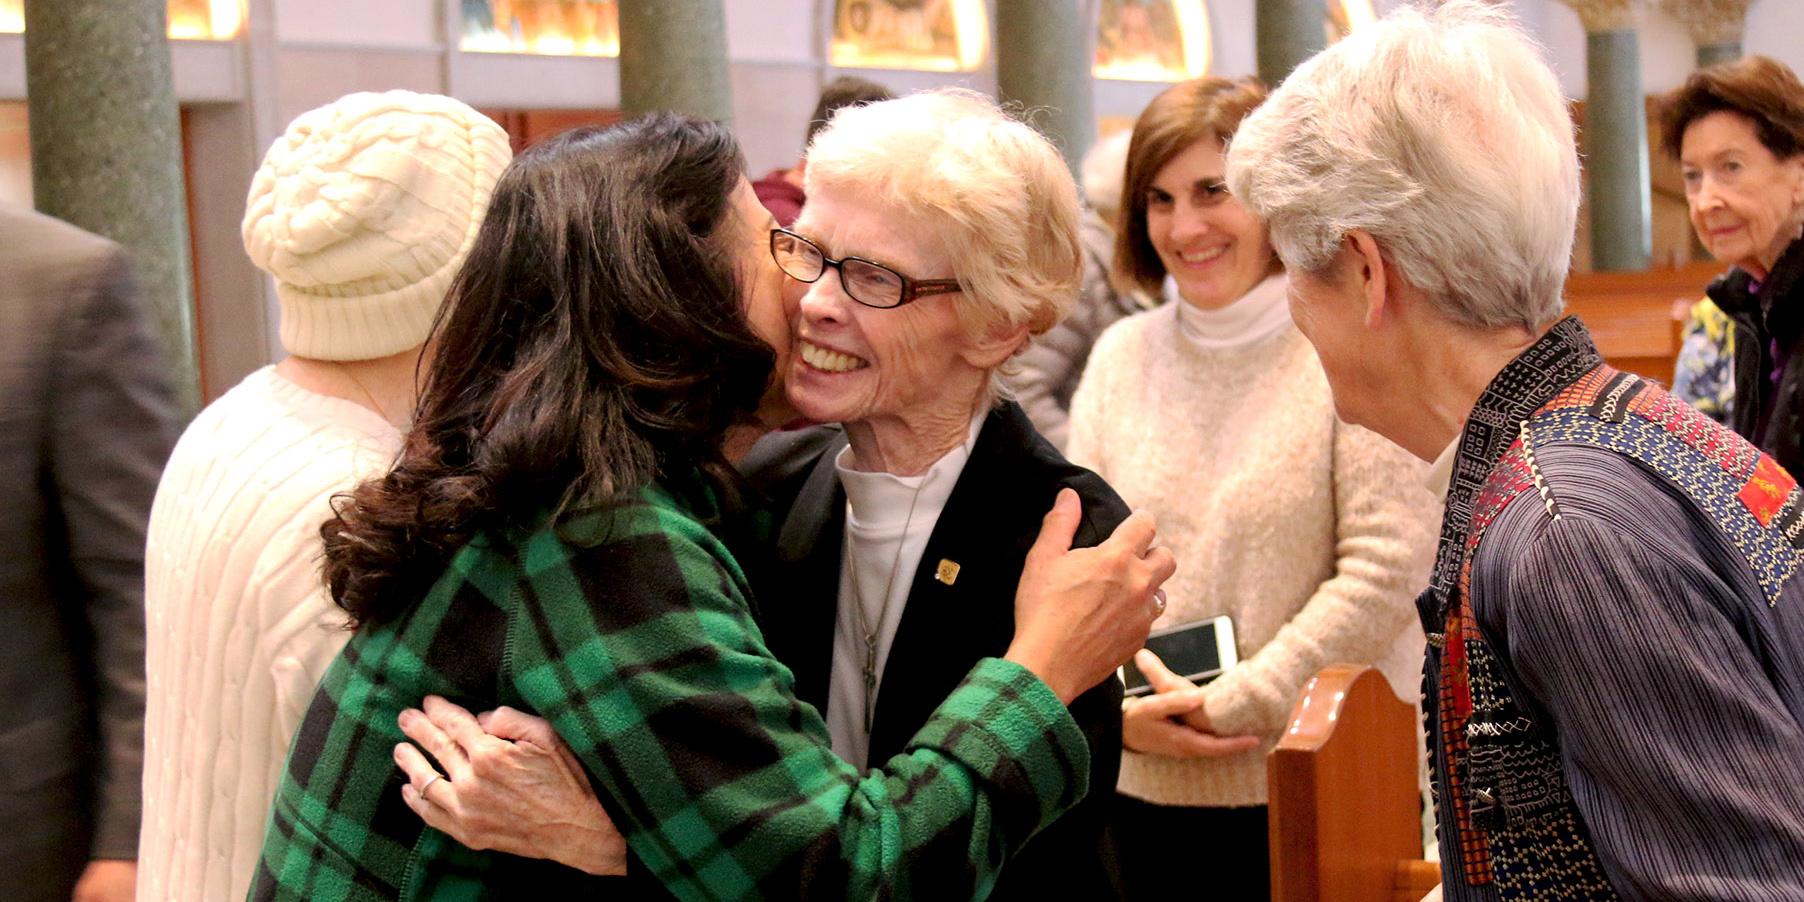 Sister Betsy Walsh gives a parishoner a farewell hug